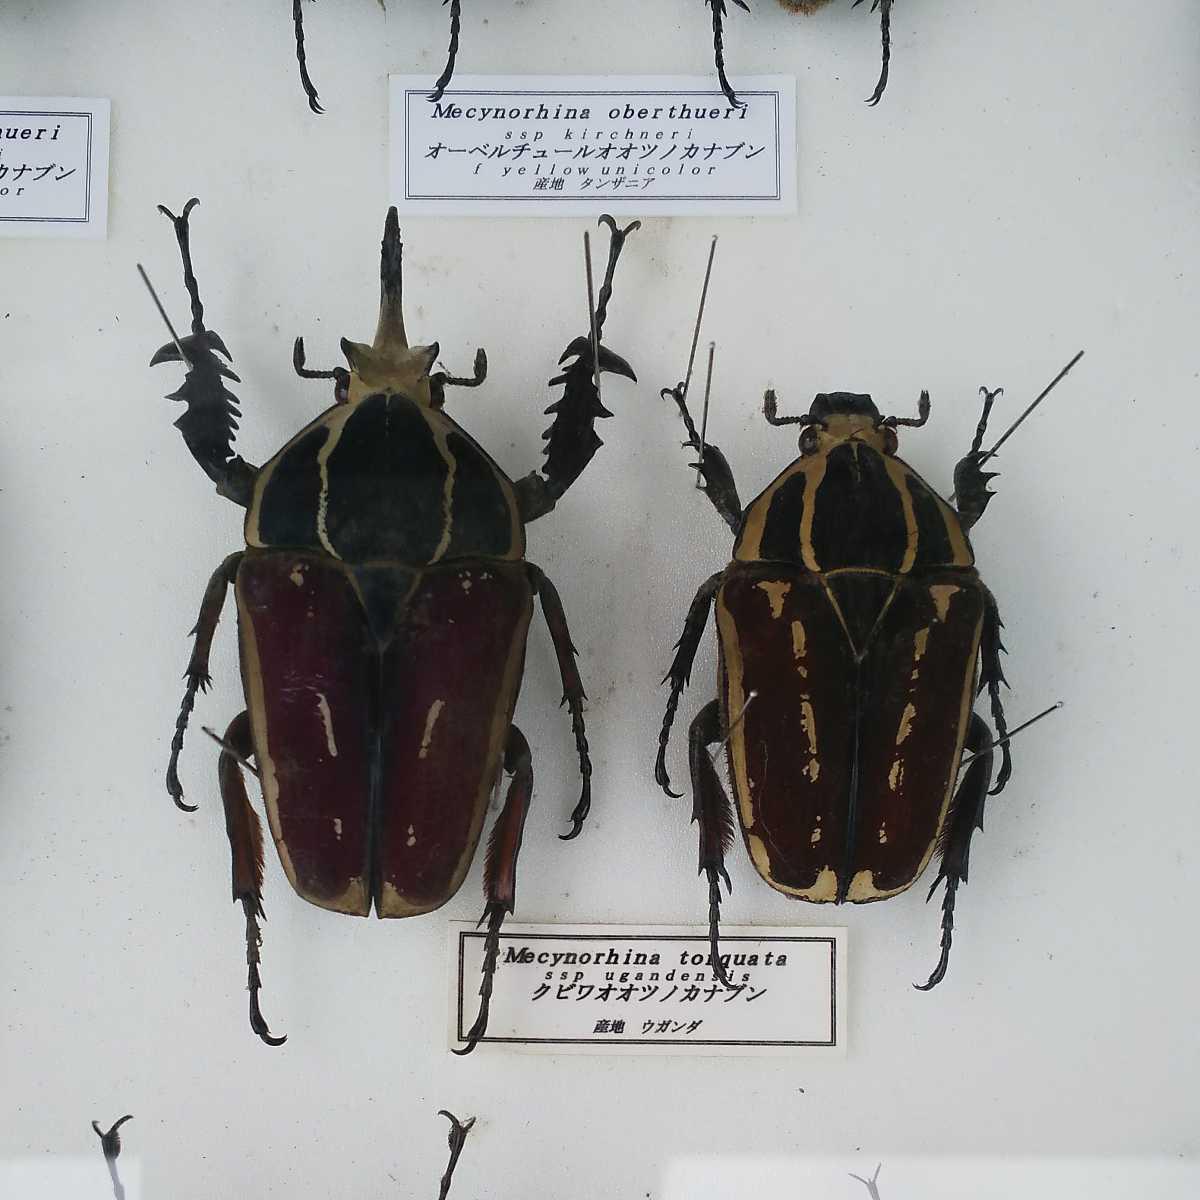 値段交渉OK 昆虫標本 カナブン No2 35頭 ドイツ箱_画像7